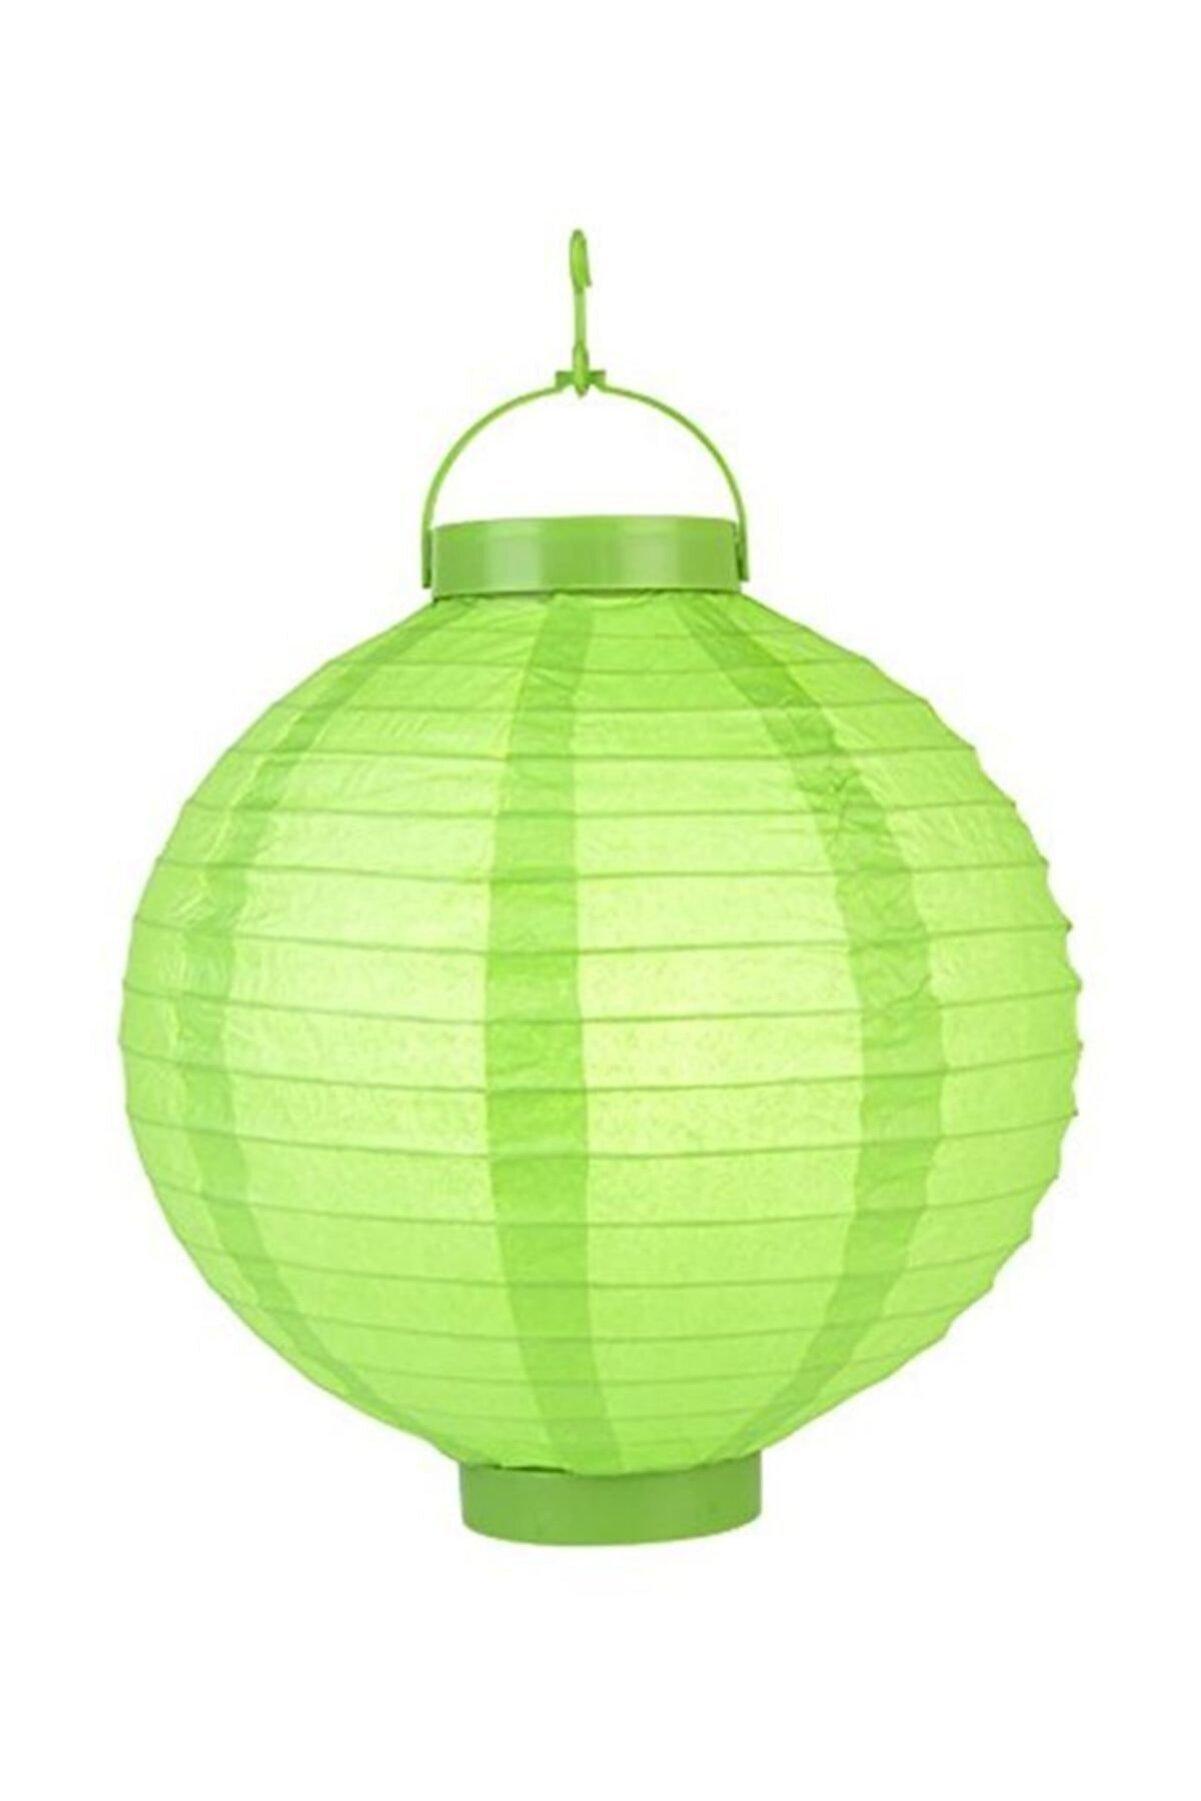 Pandoli 20 Cm Led Işıklı Kağıt Japon Feneri Yeşil Renk